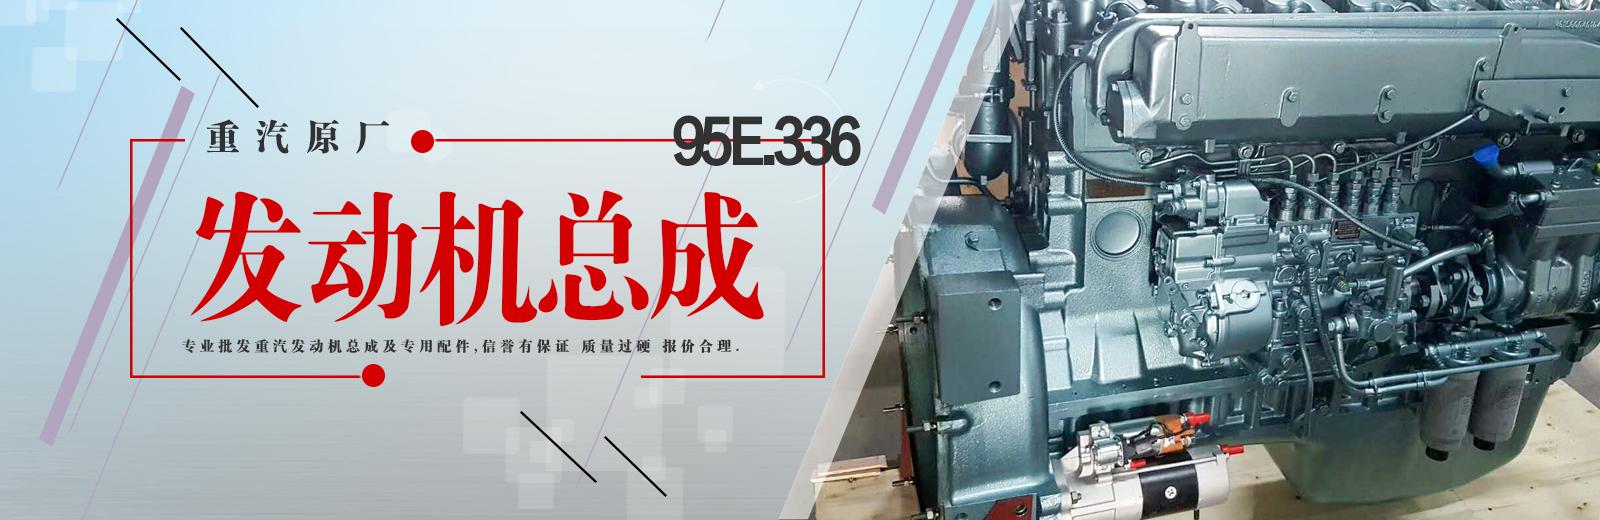 重汽原厂新万博manbetx电子游戏万博manbetx客户端地址